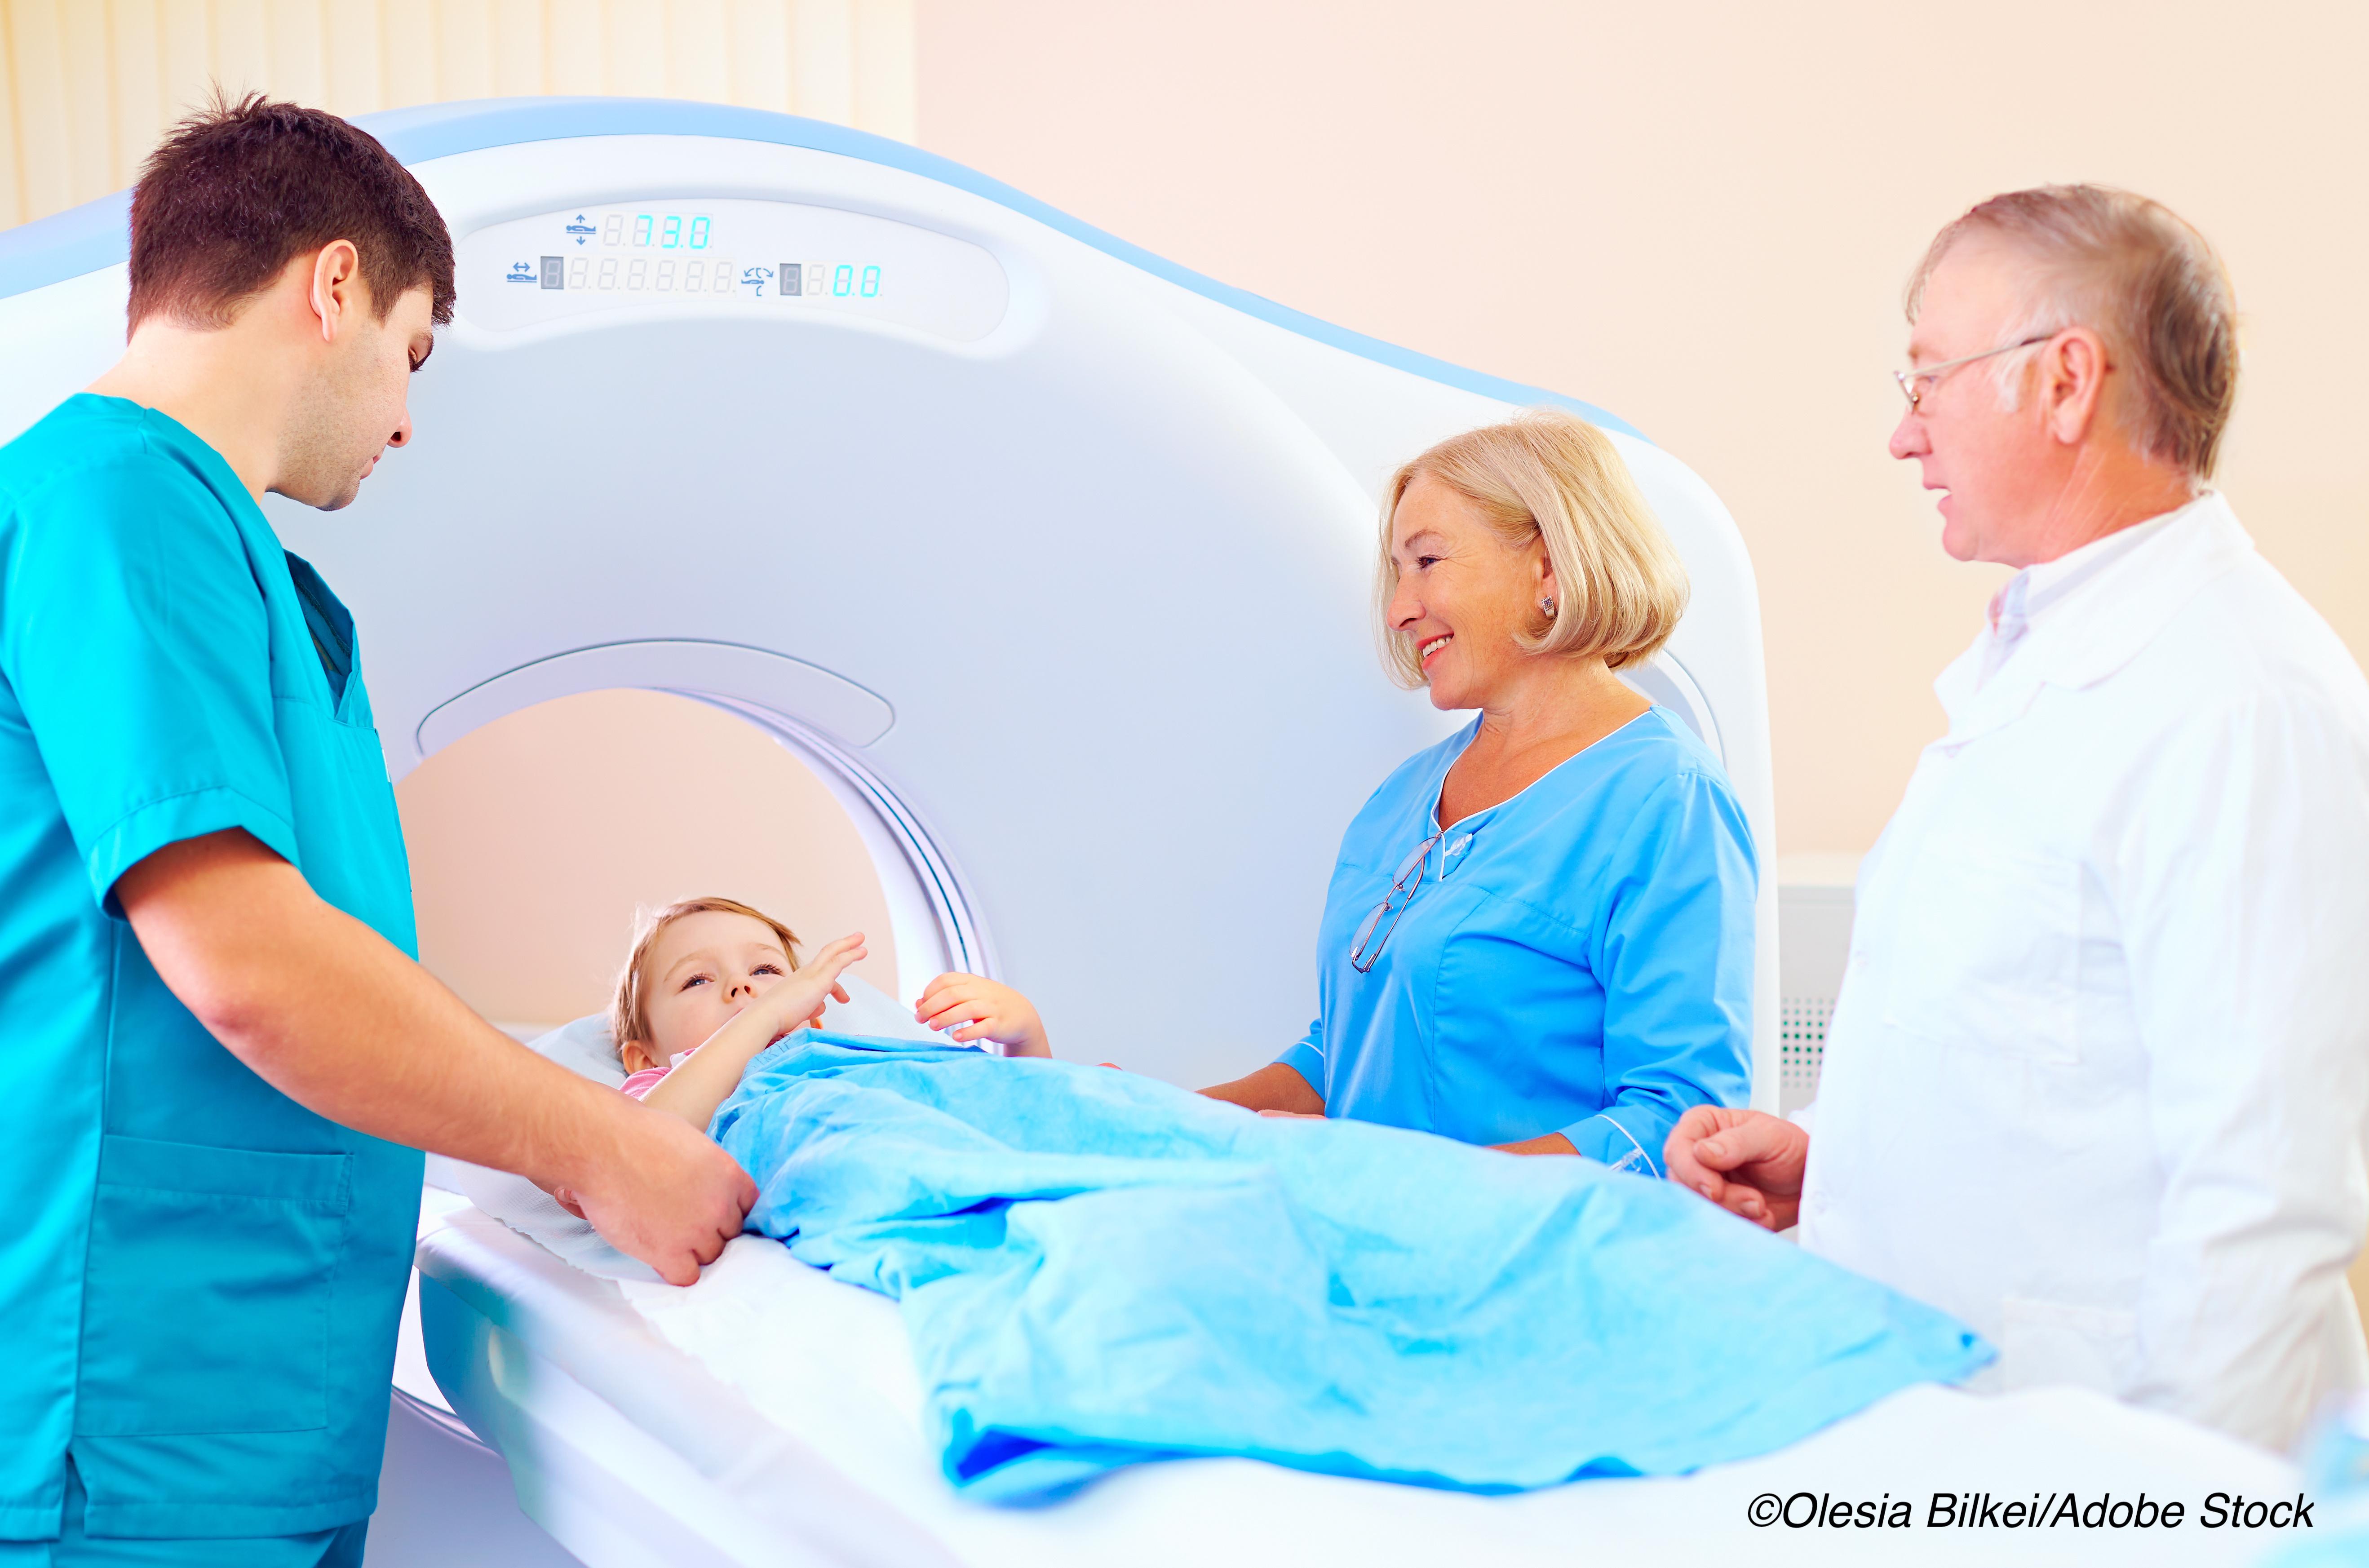 Disparities Persist in Pediatric Imaging